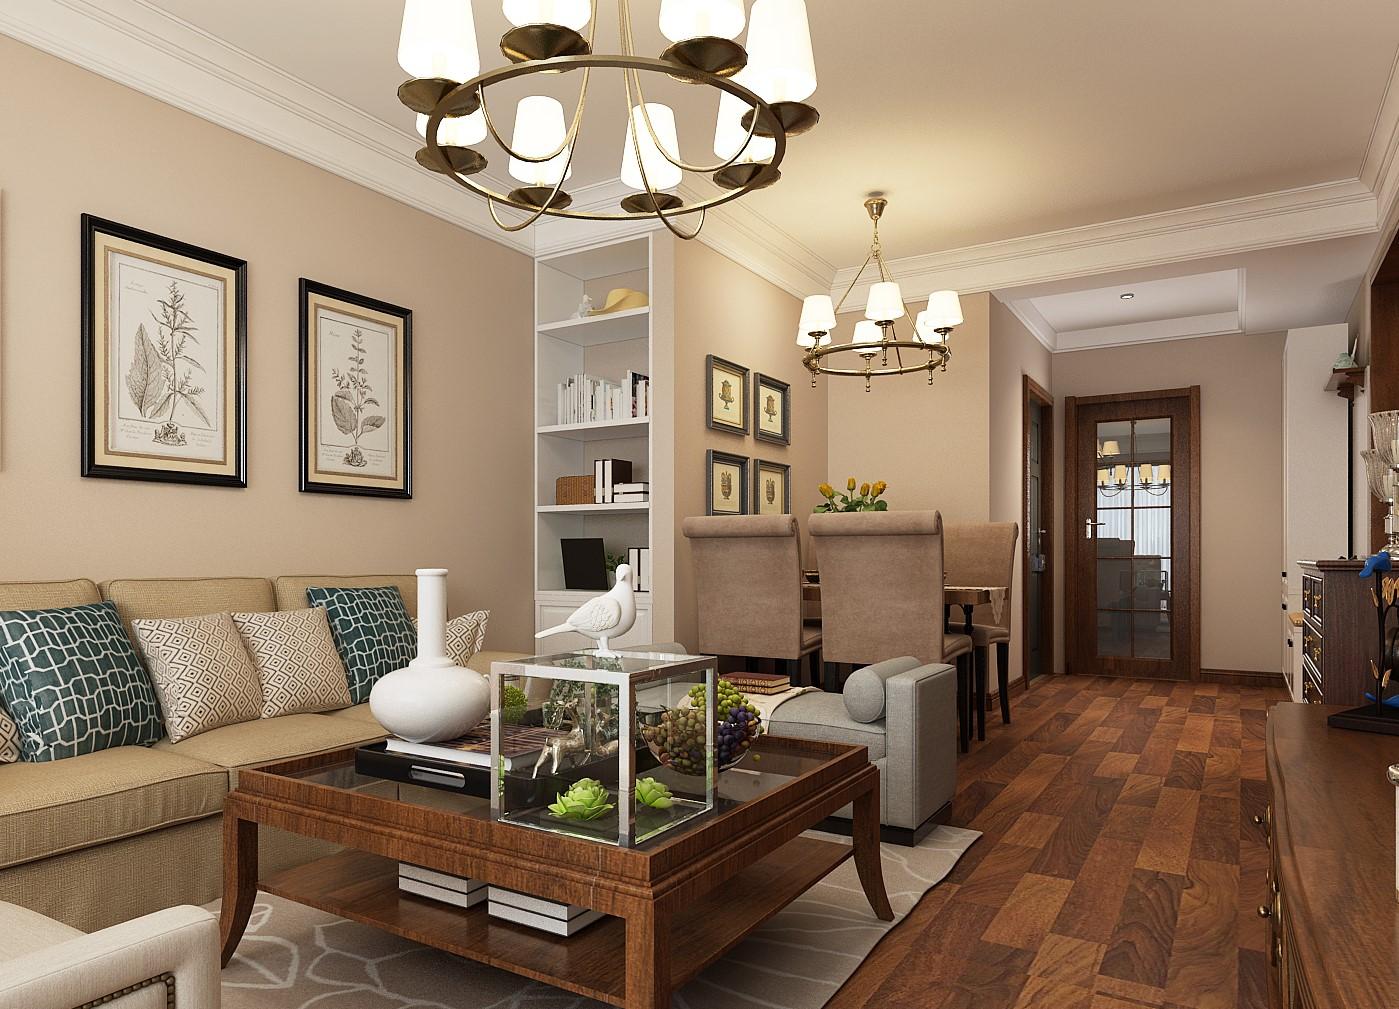 如何把客厅装潢的更有水准?这些细节你注意到了吗?